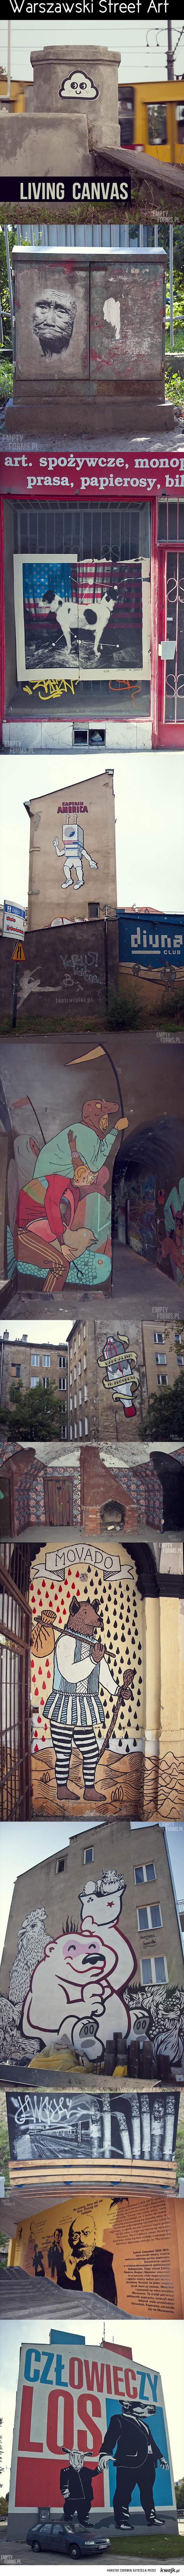 Warszawski Street Art